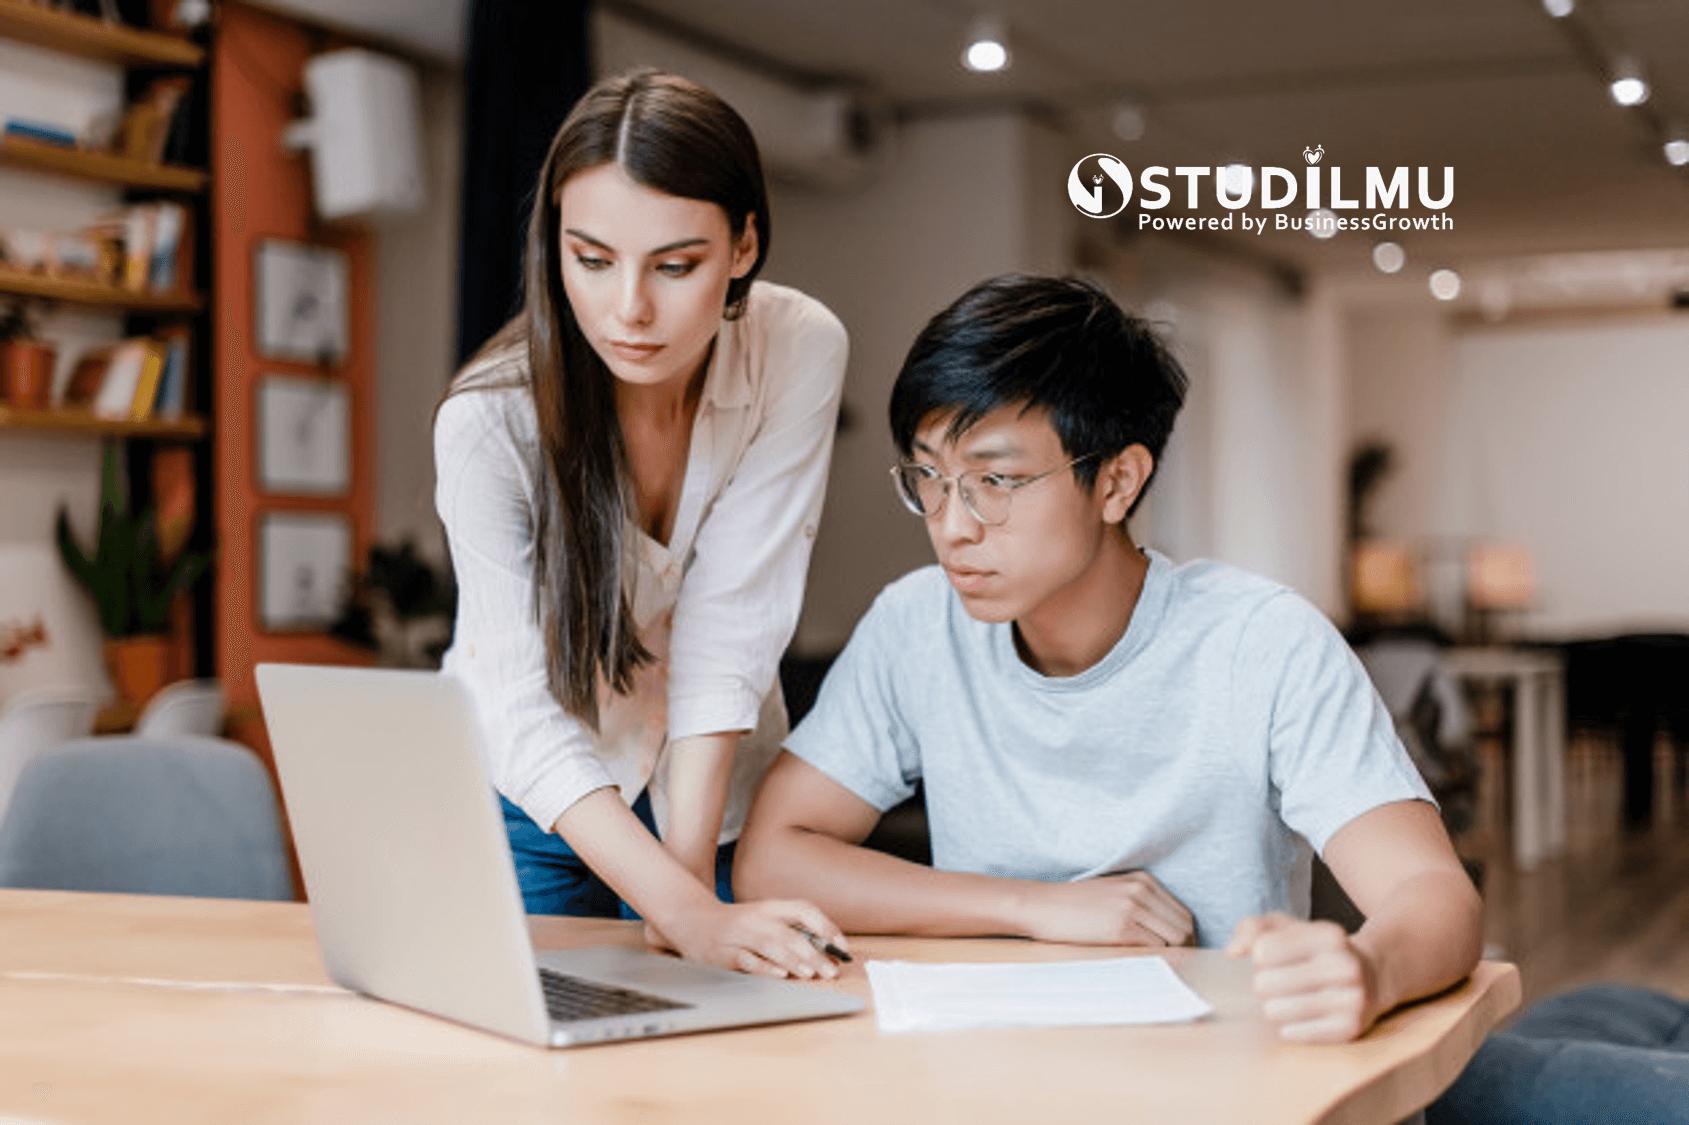 STUDILMU Career Advice - 8 Perbedaan antara Generasi Milenial dan Generasi Z